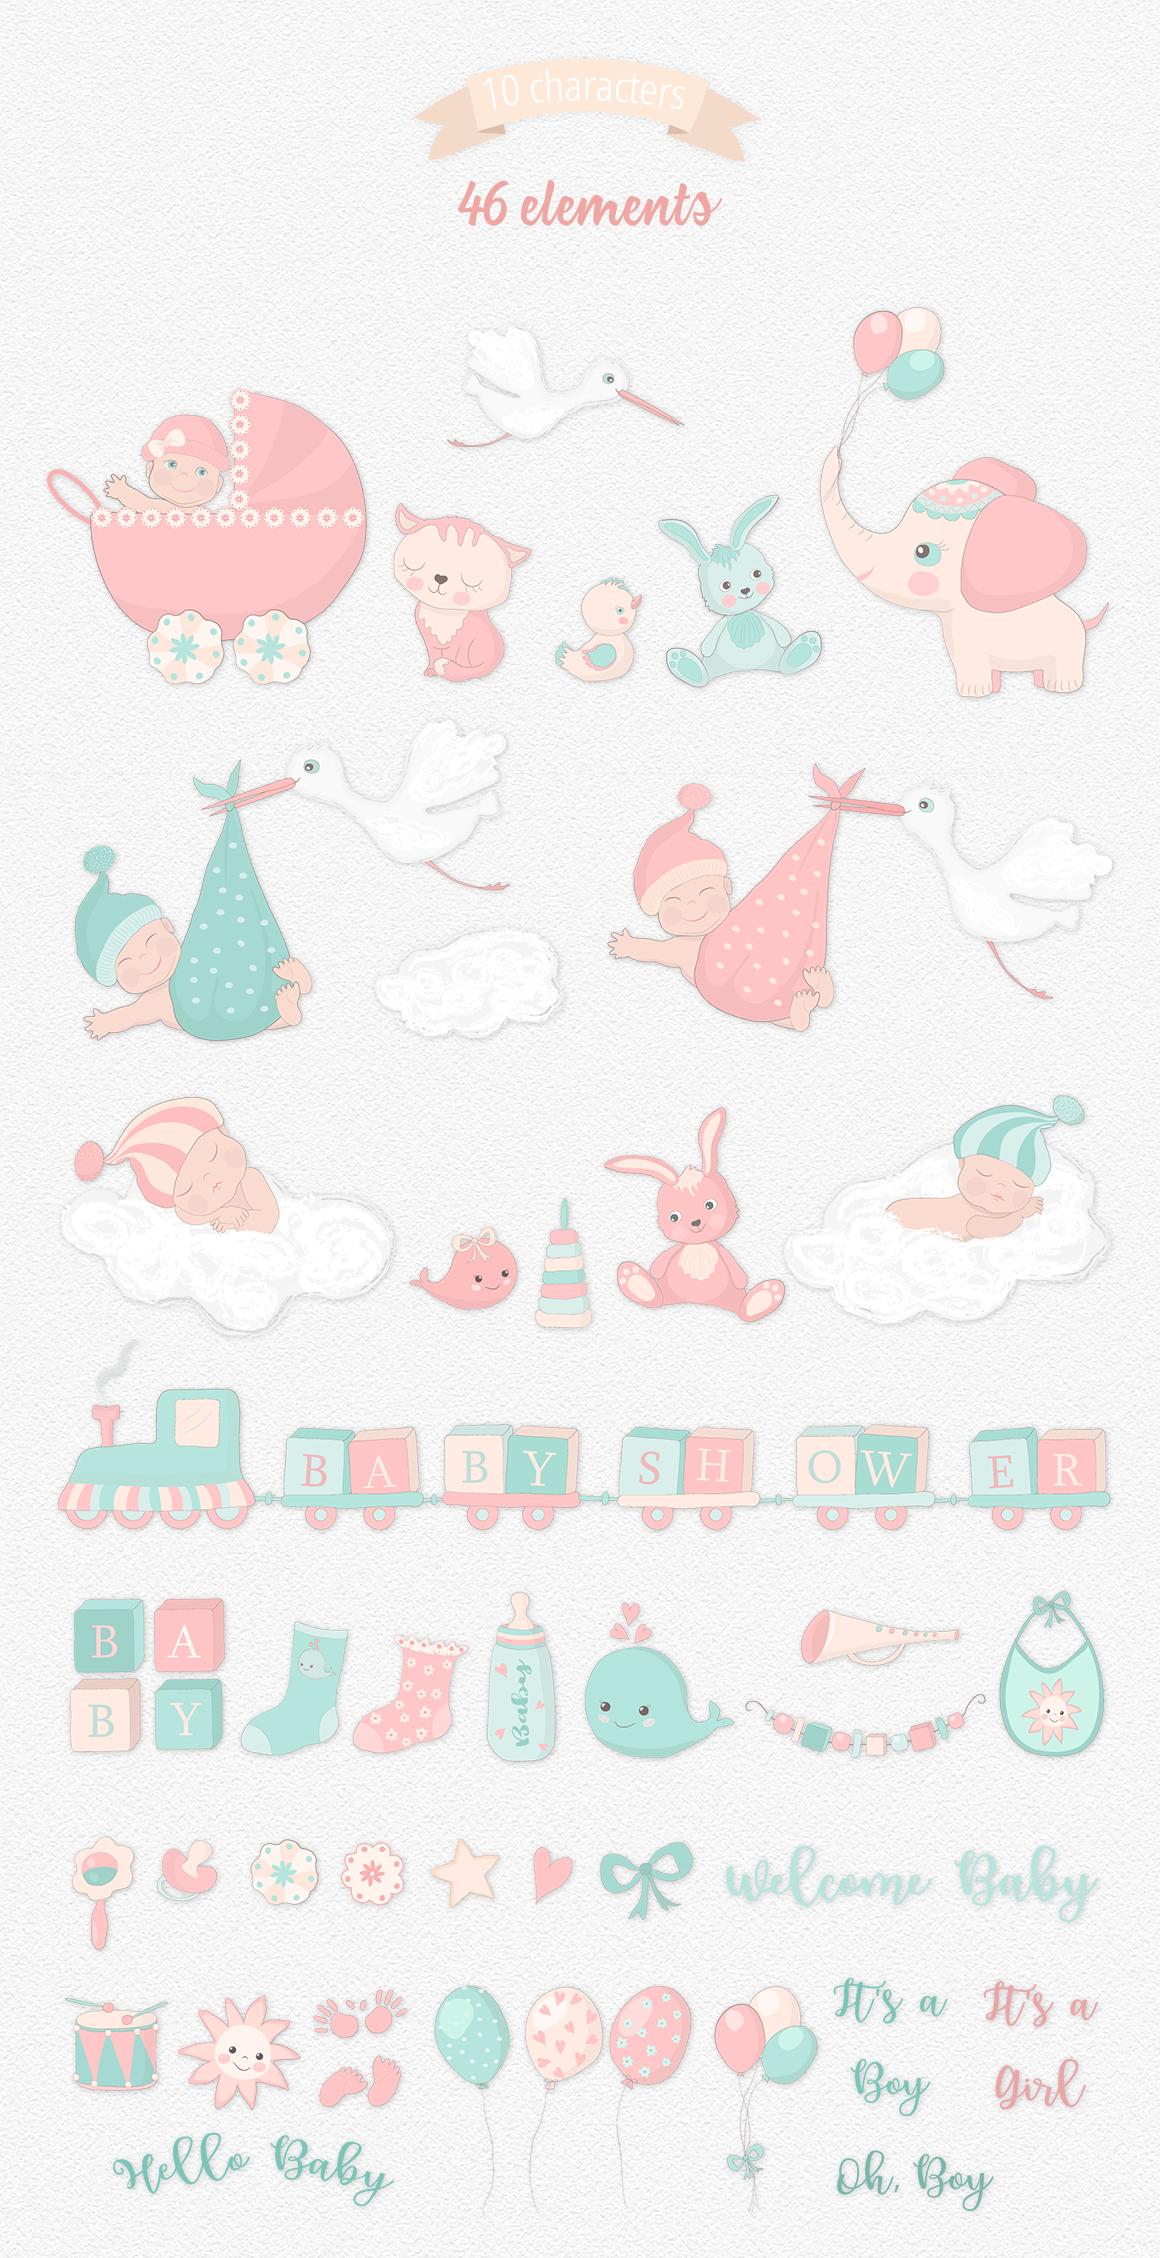 Baby Shower Illustration Set example image 6